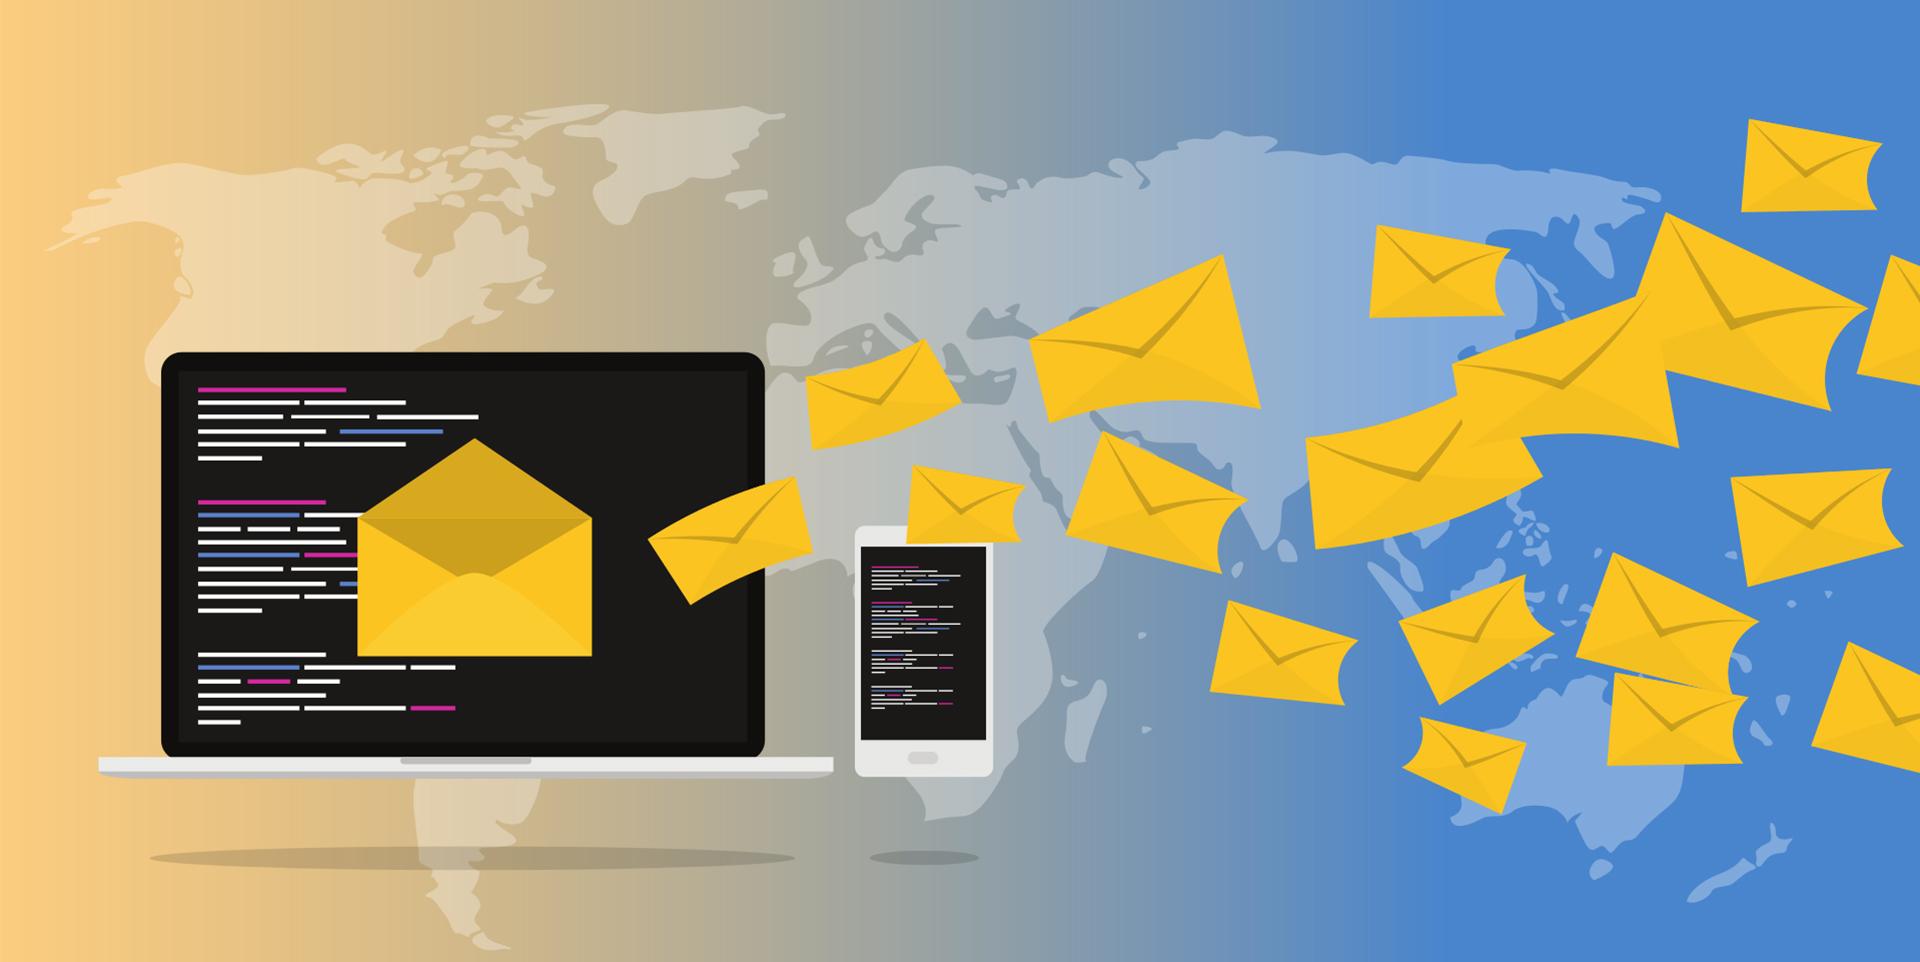 Comment faire un backup de vos courriel - une